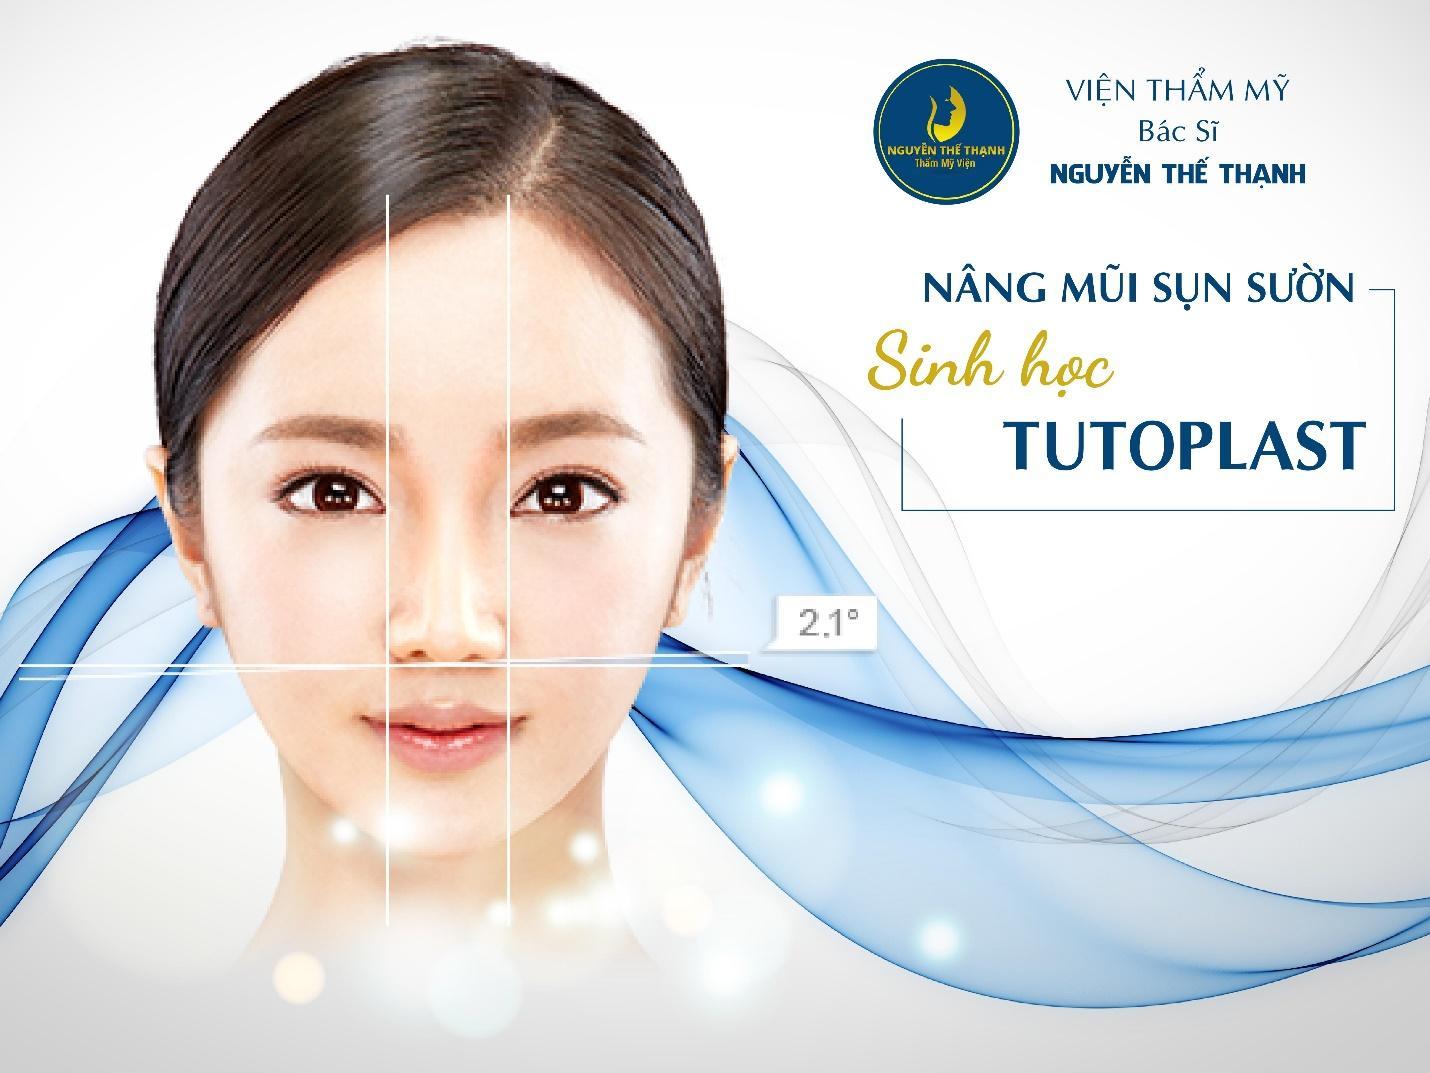 Nâng mũi sụn sườn sinh học Tutoplast - Bước đột phá trong công nghệ nâng mũi - Ảnh 1